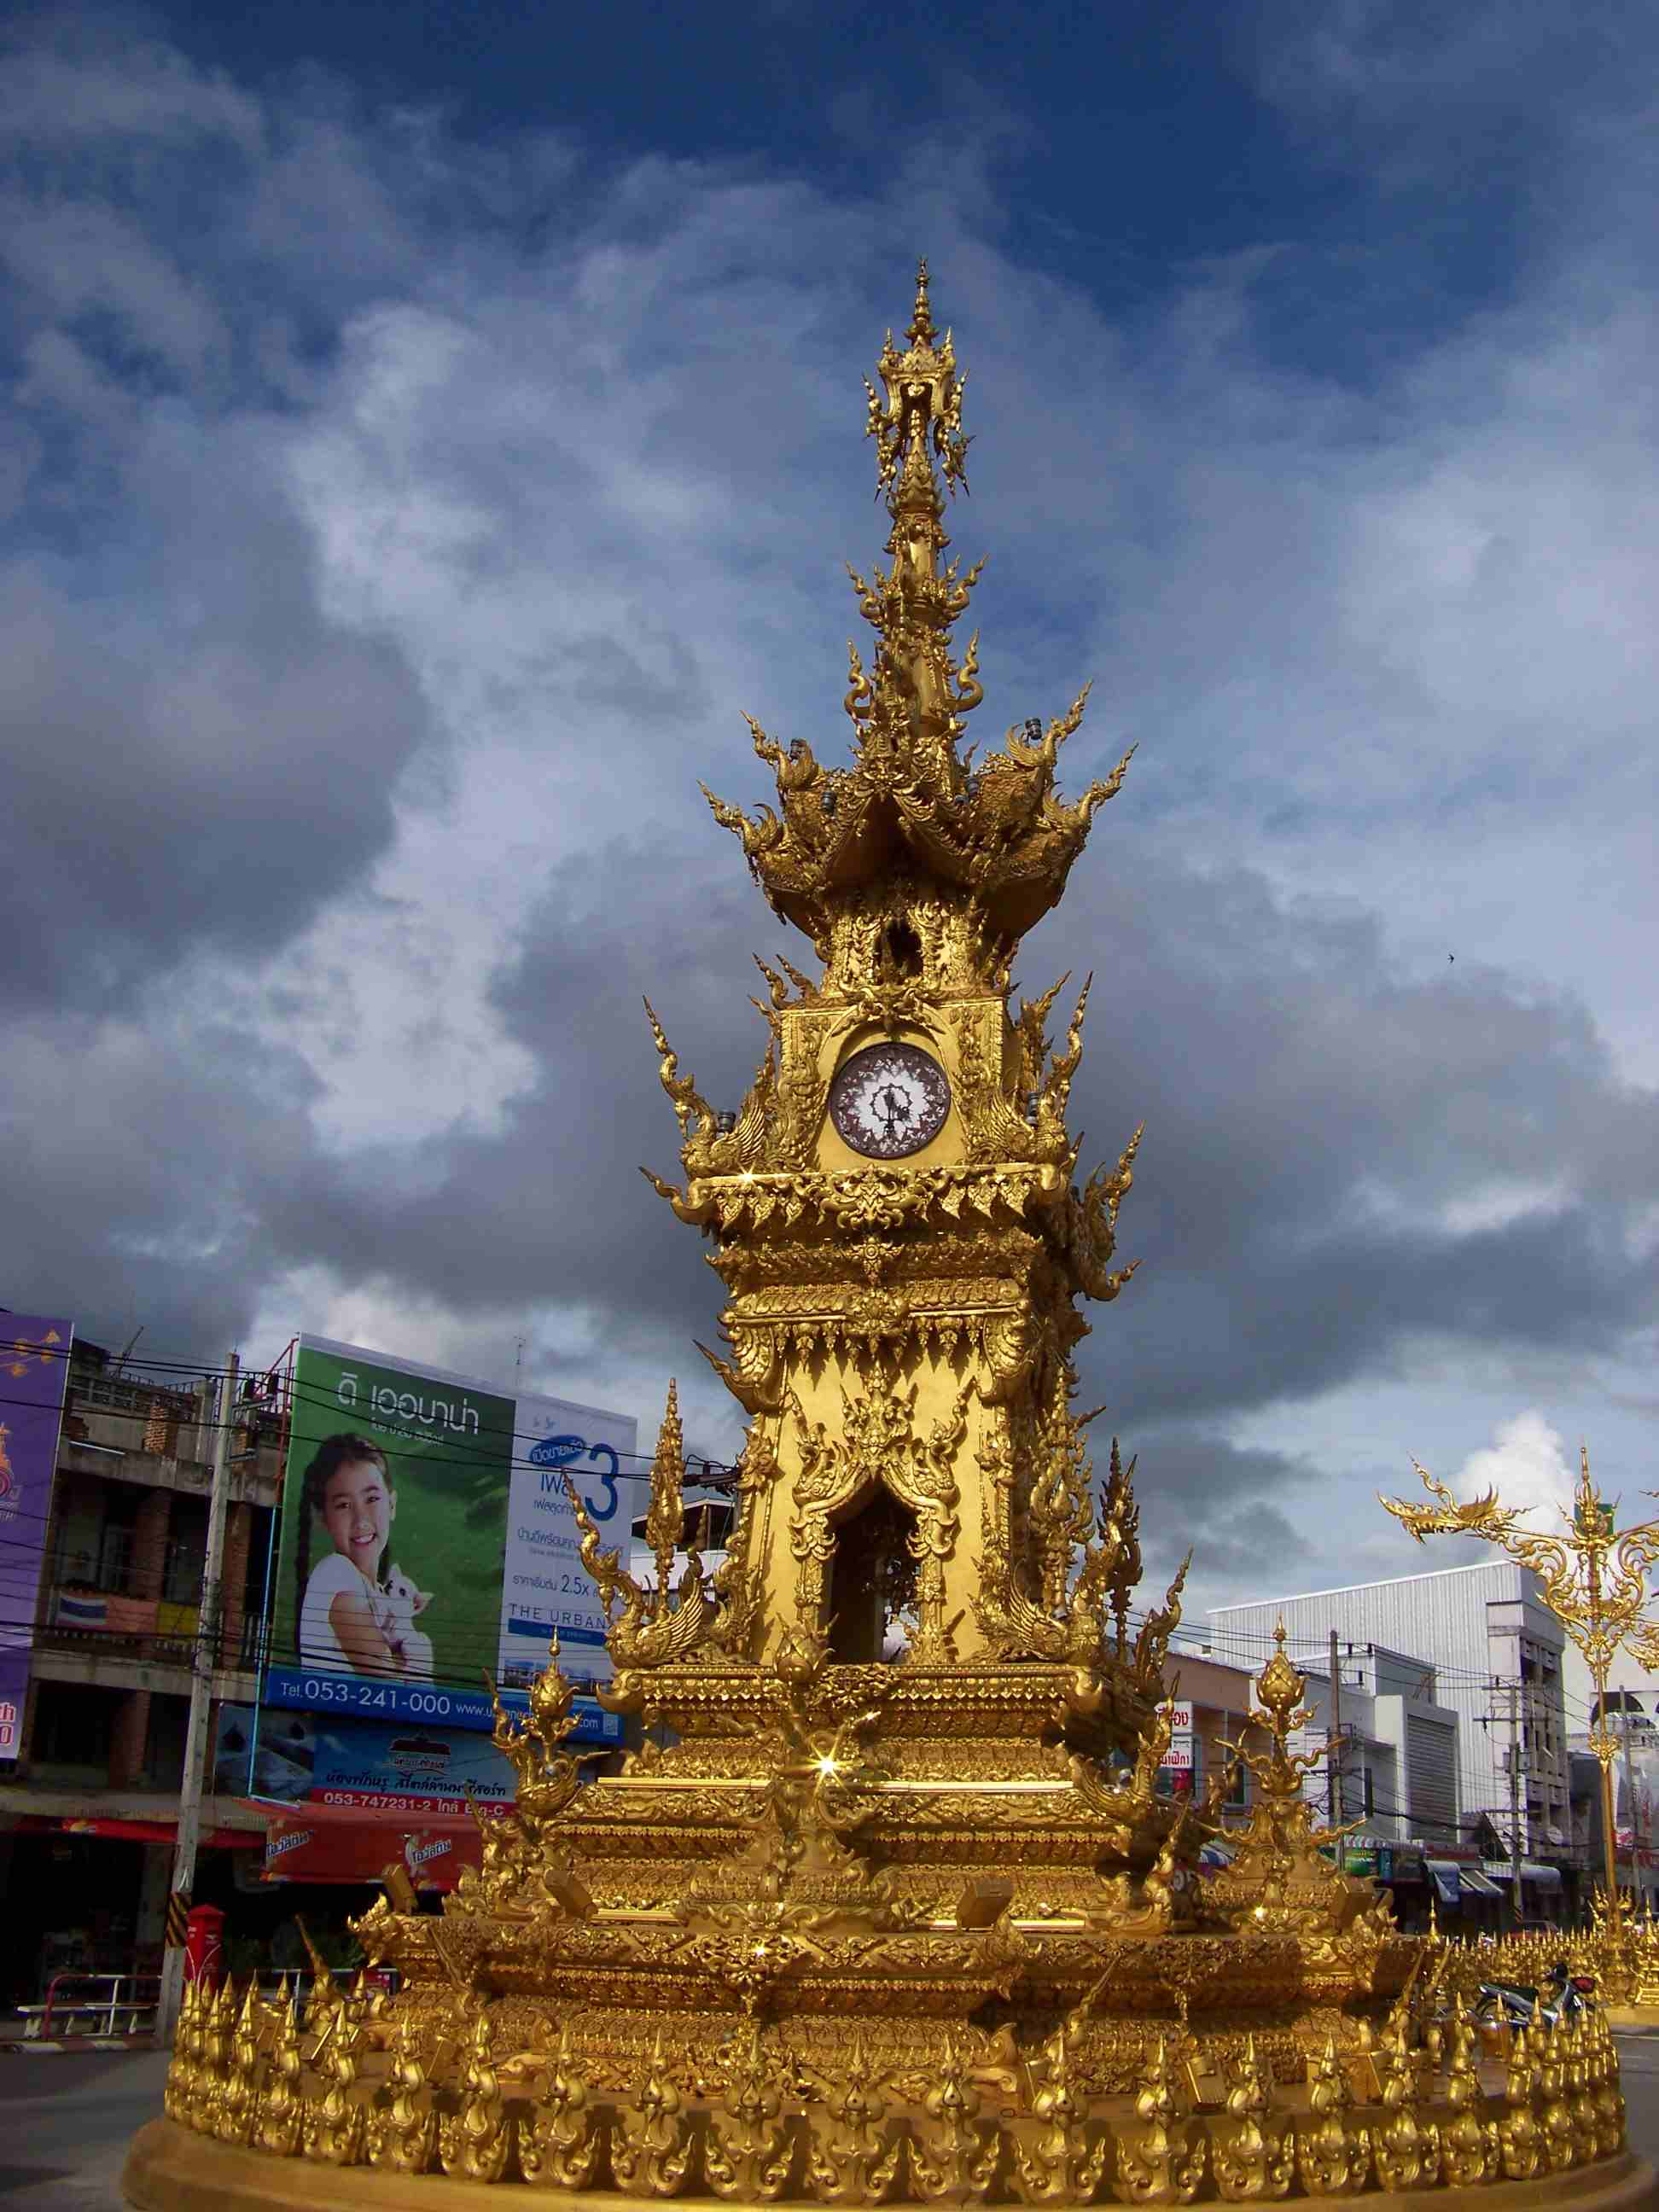 Chiang_Rai_Clock_Tower.jpg